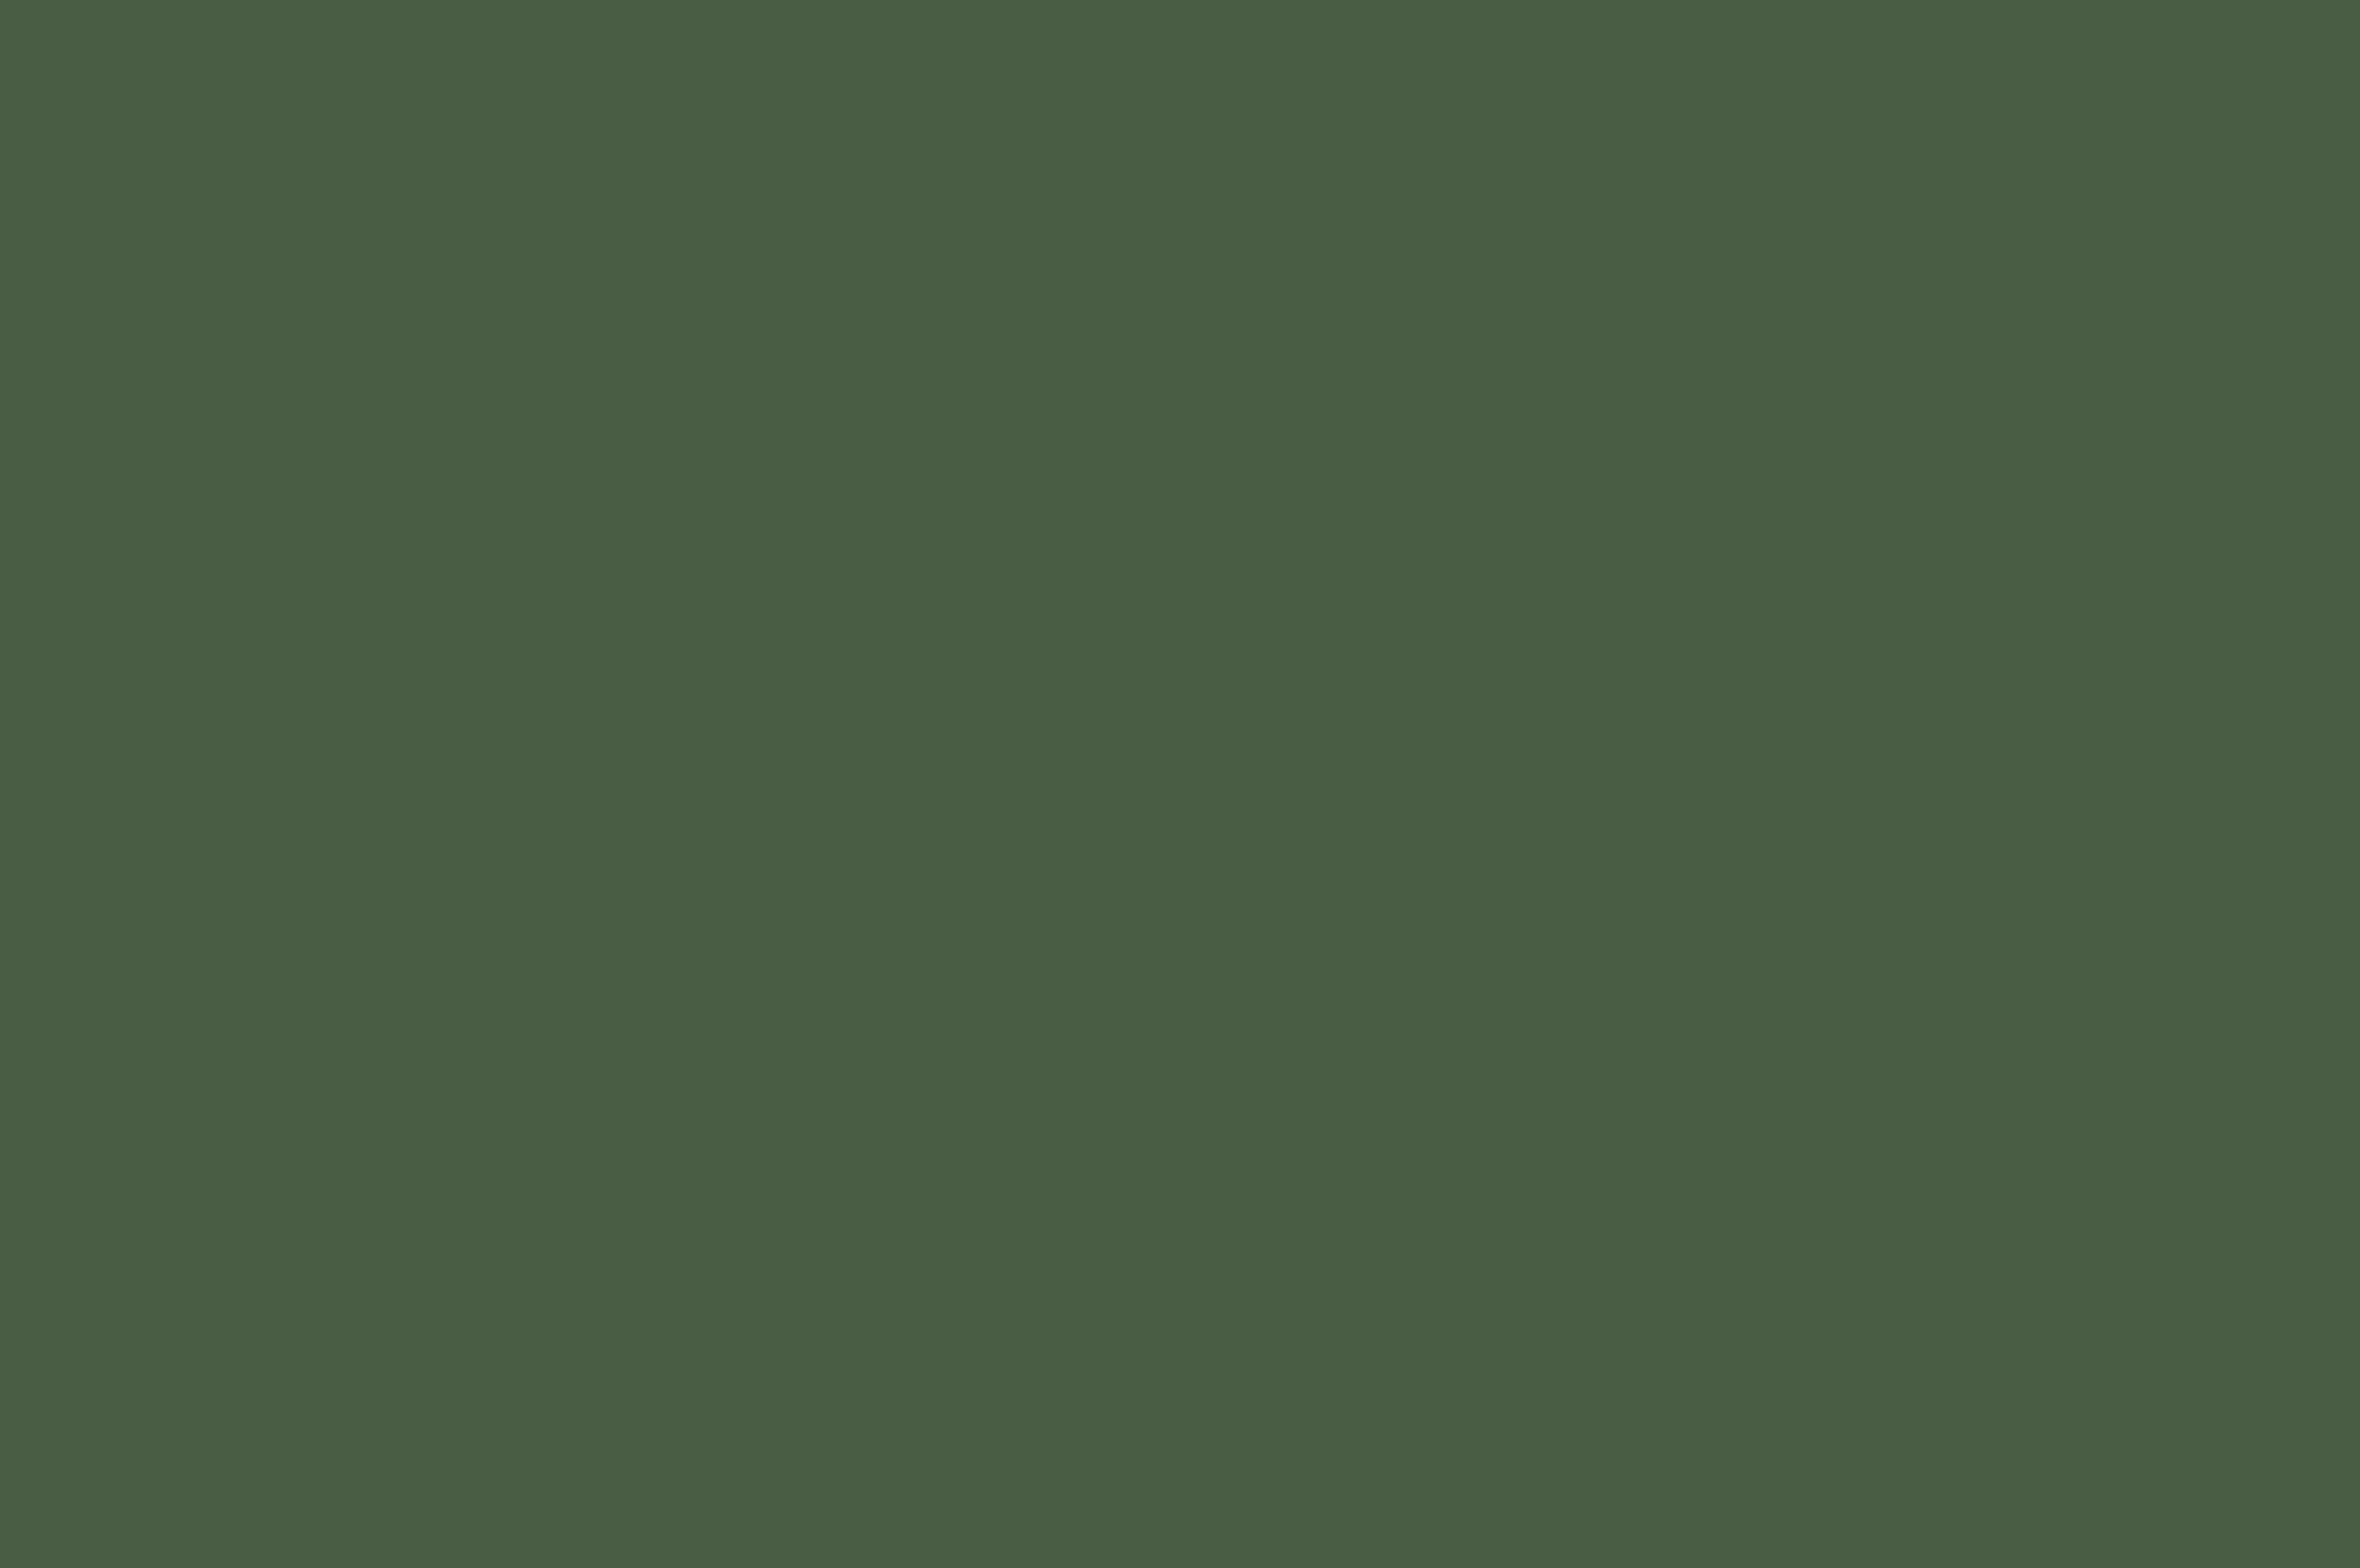 Wonderlijk Marset - Hanglamp Tam Tam 4 | Versteeg Lichtstudio OO-87